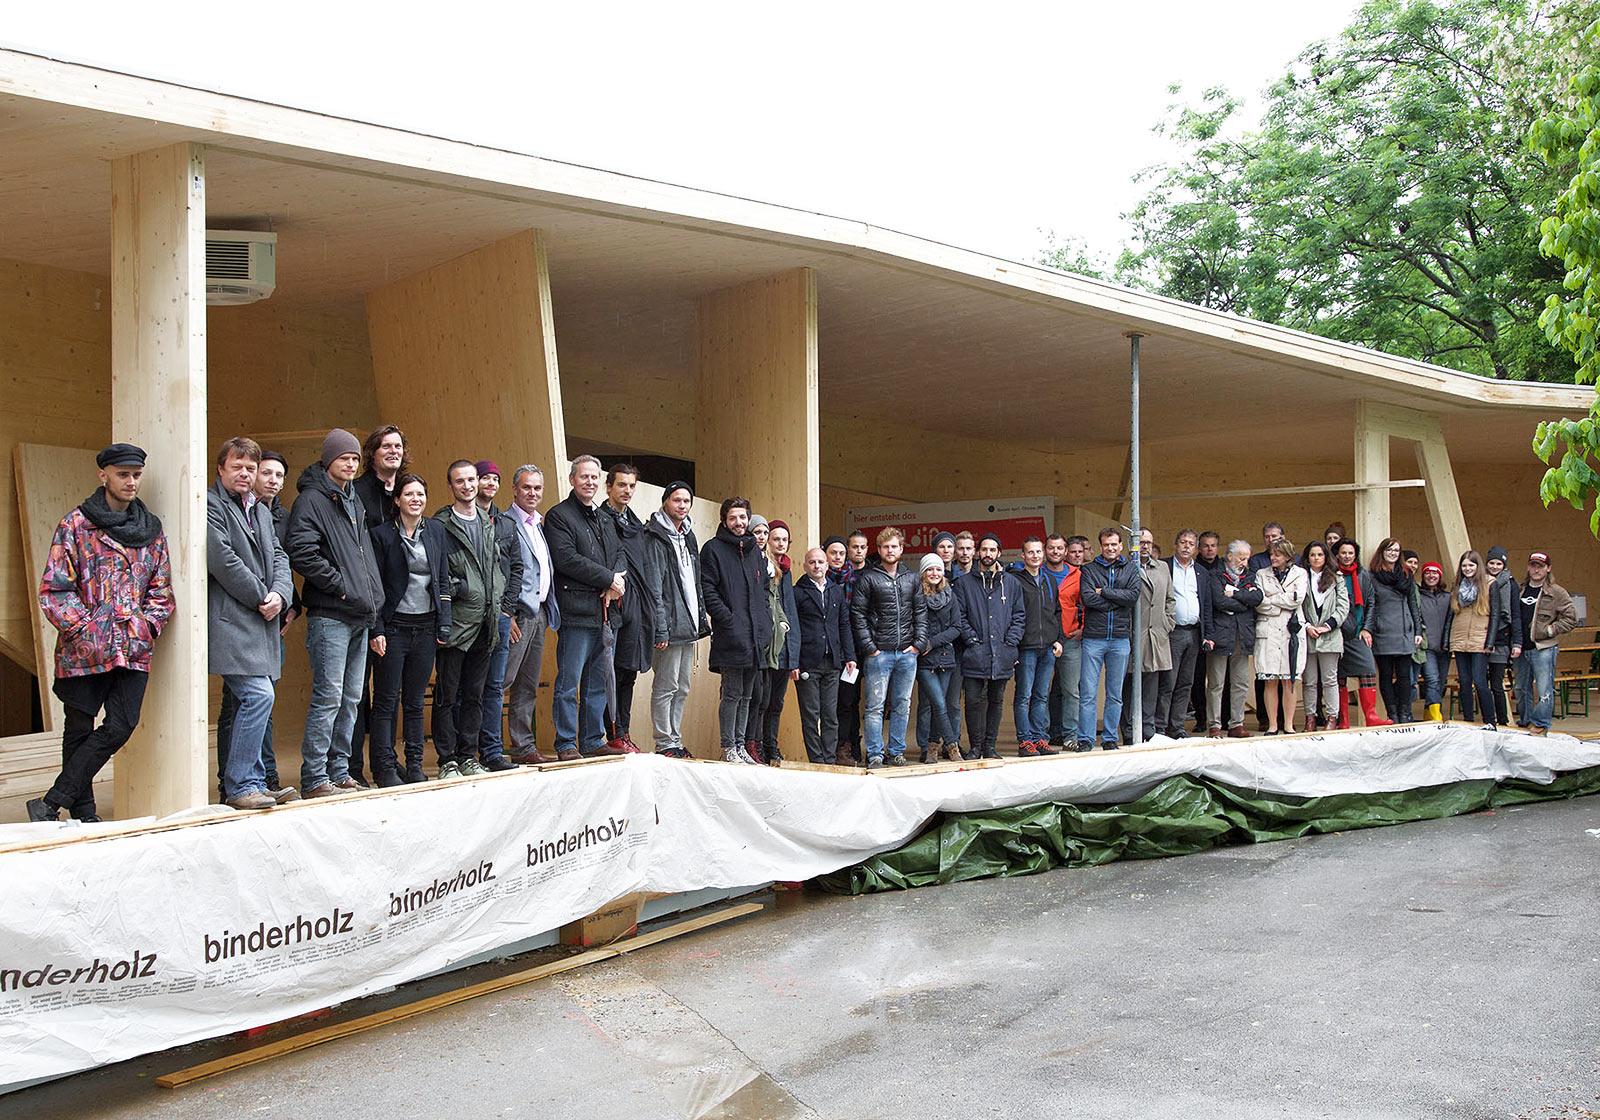 Bei der Firstfeier waren zahlreiche Sponsoren, Partner und Förderer geladen. Foto: bilding/G.R. Wett